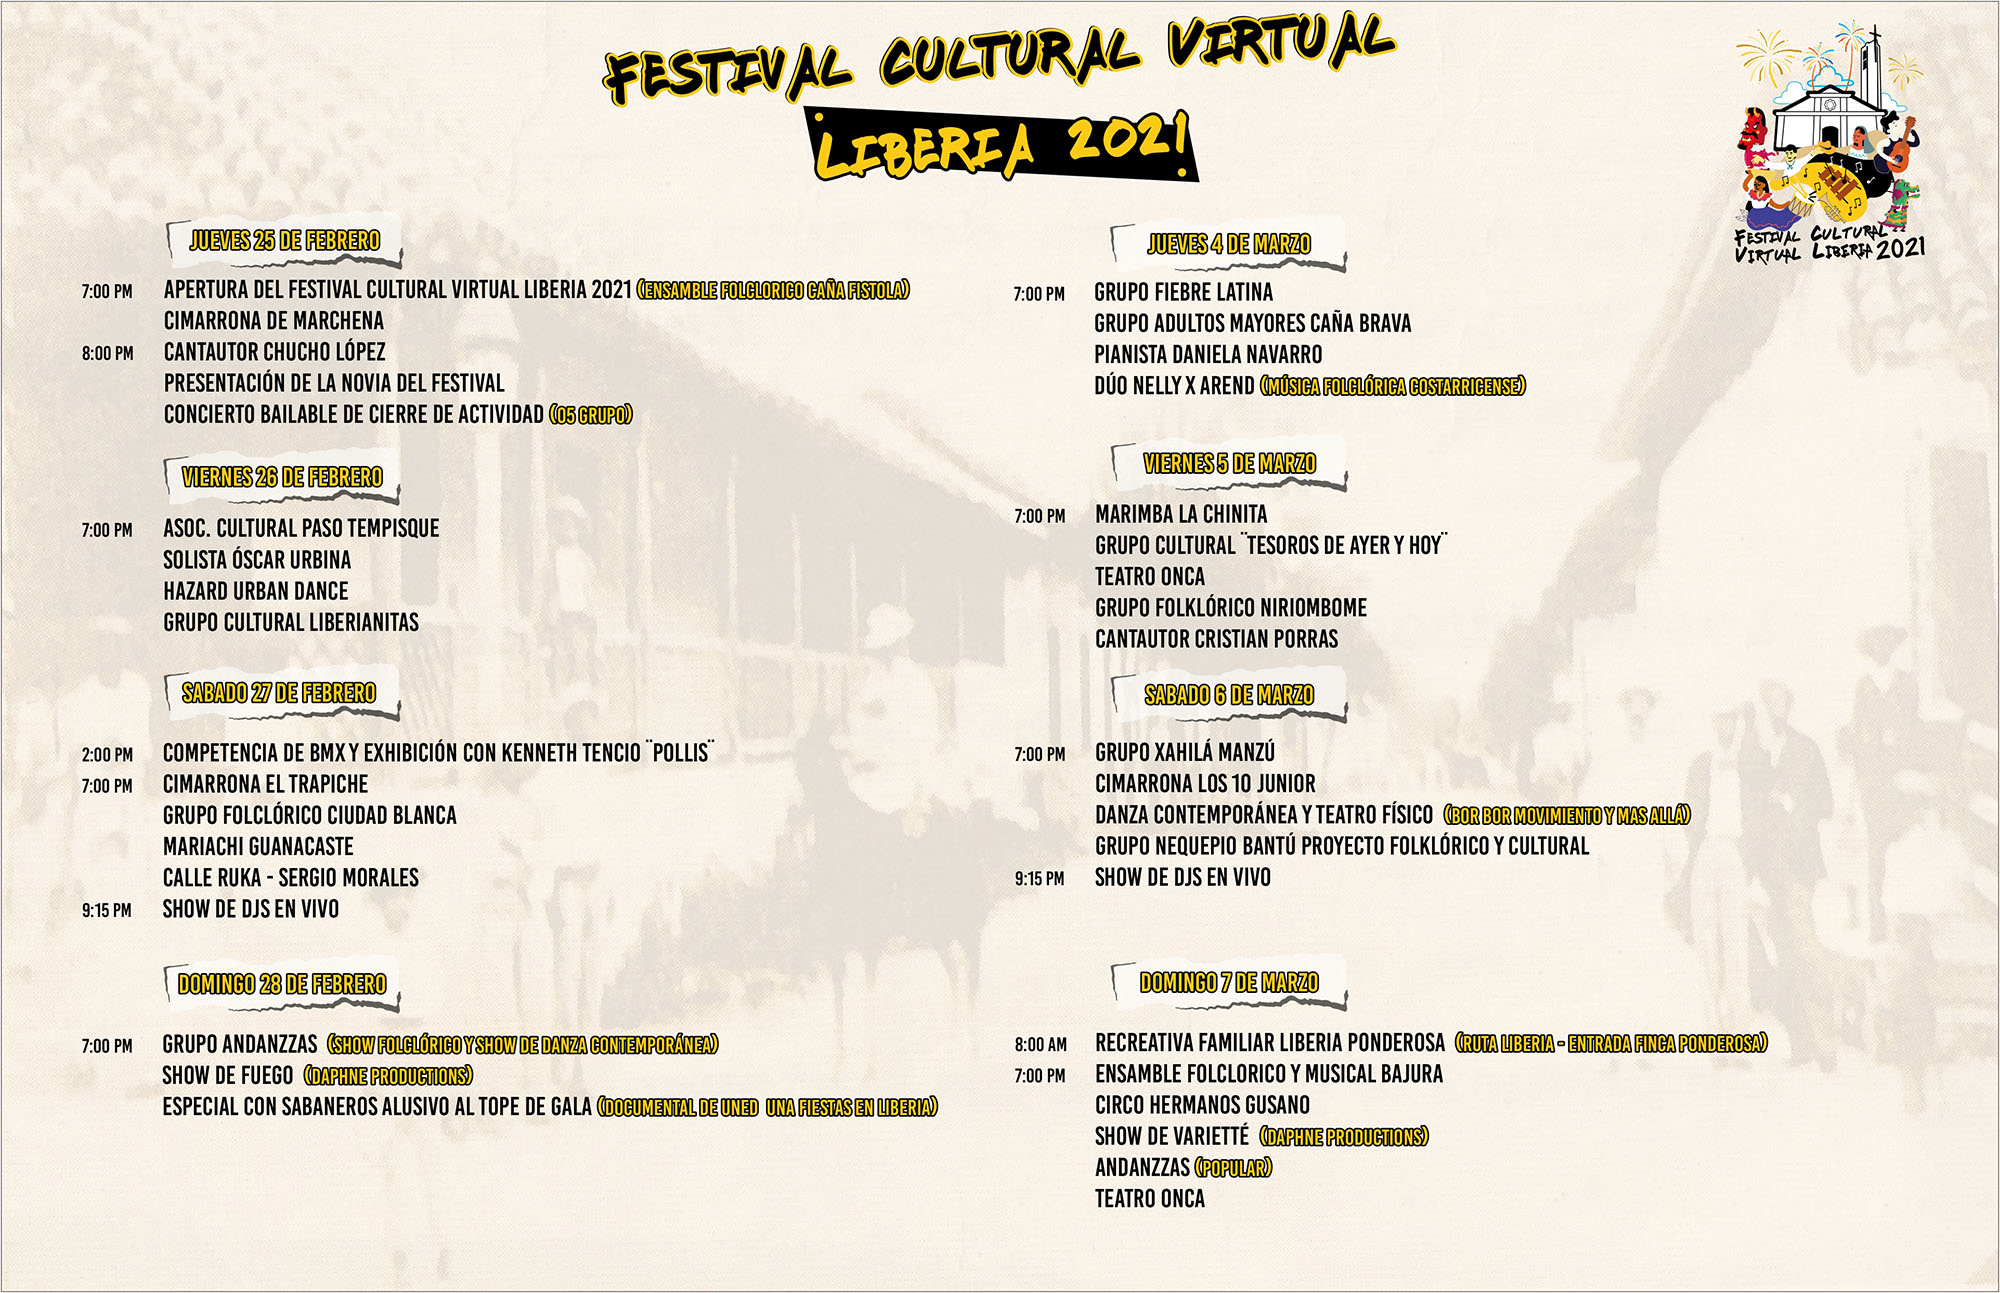 Agenda del Festival Cultural Virtual 2021